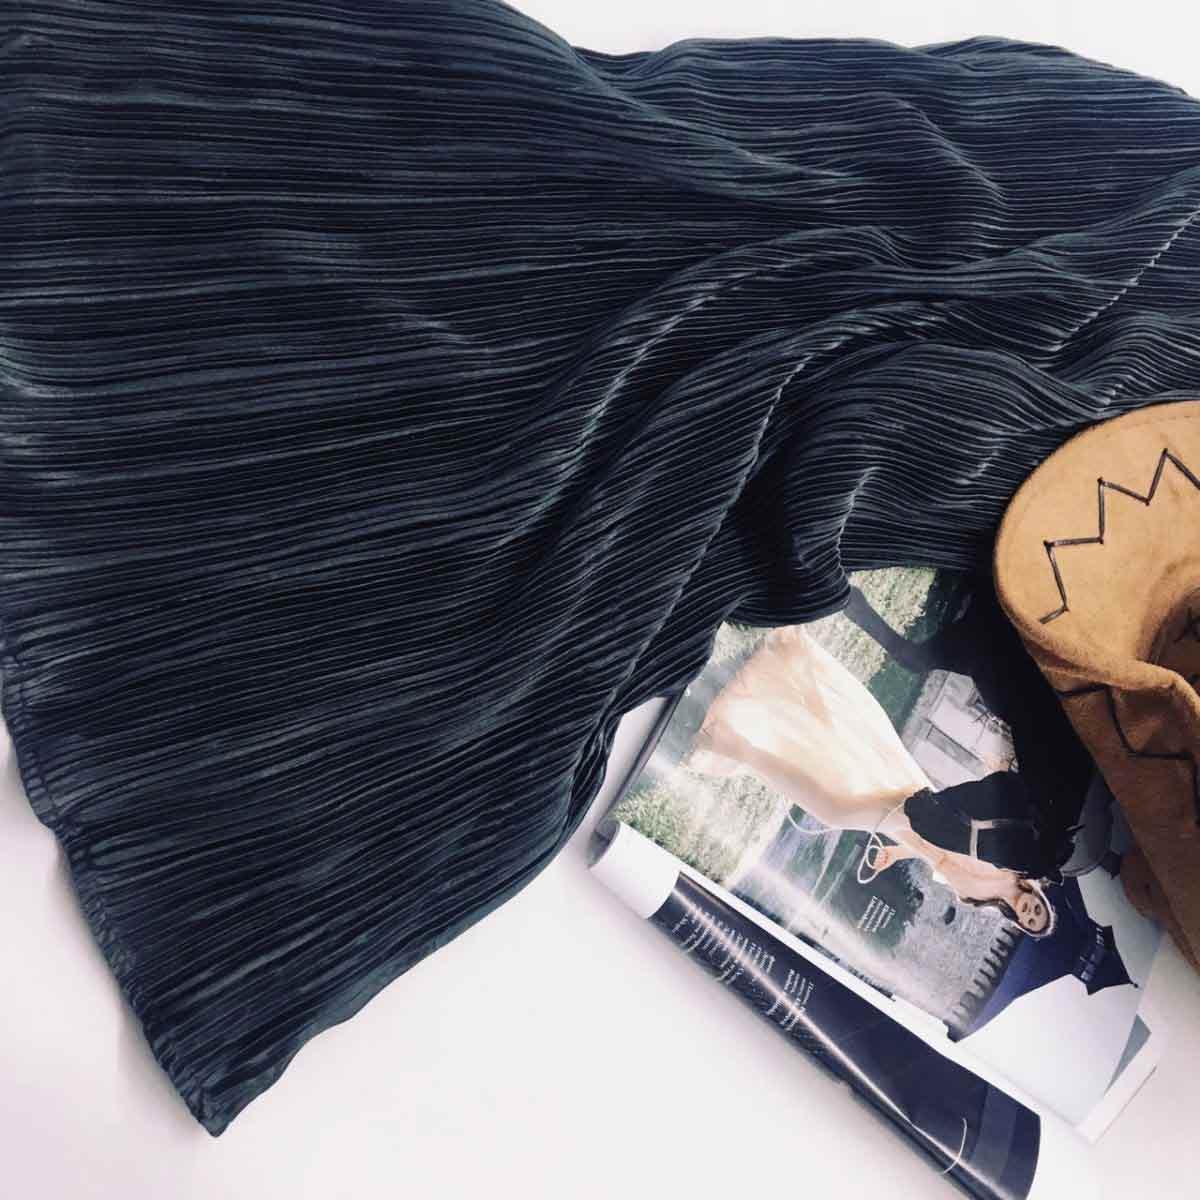 Темная юбка плиссе от производителя женской одежды Аржен